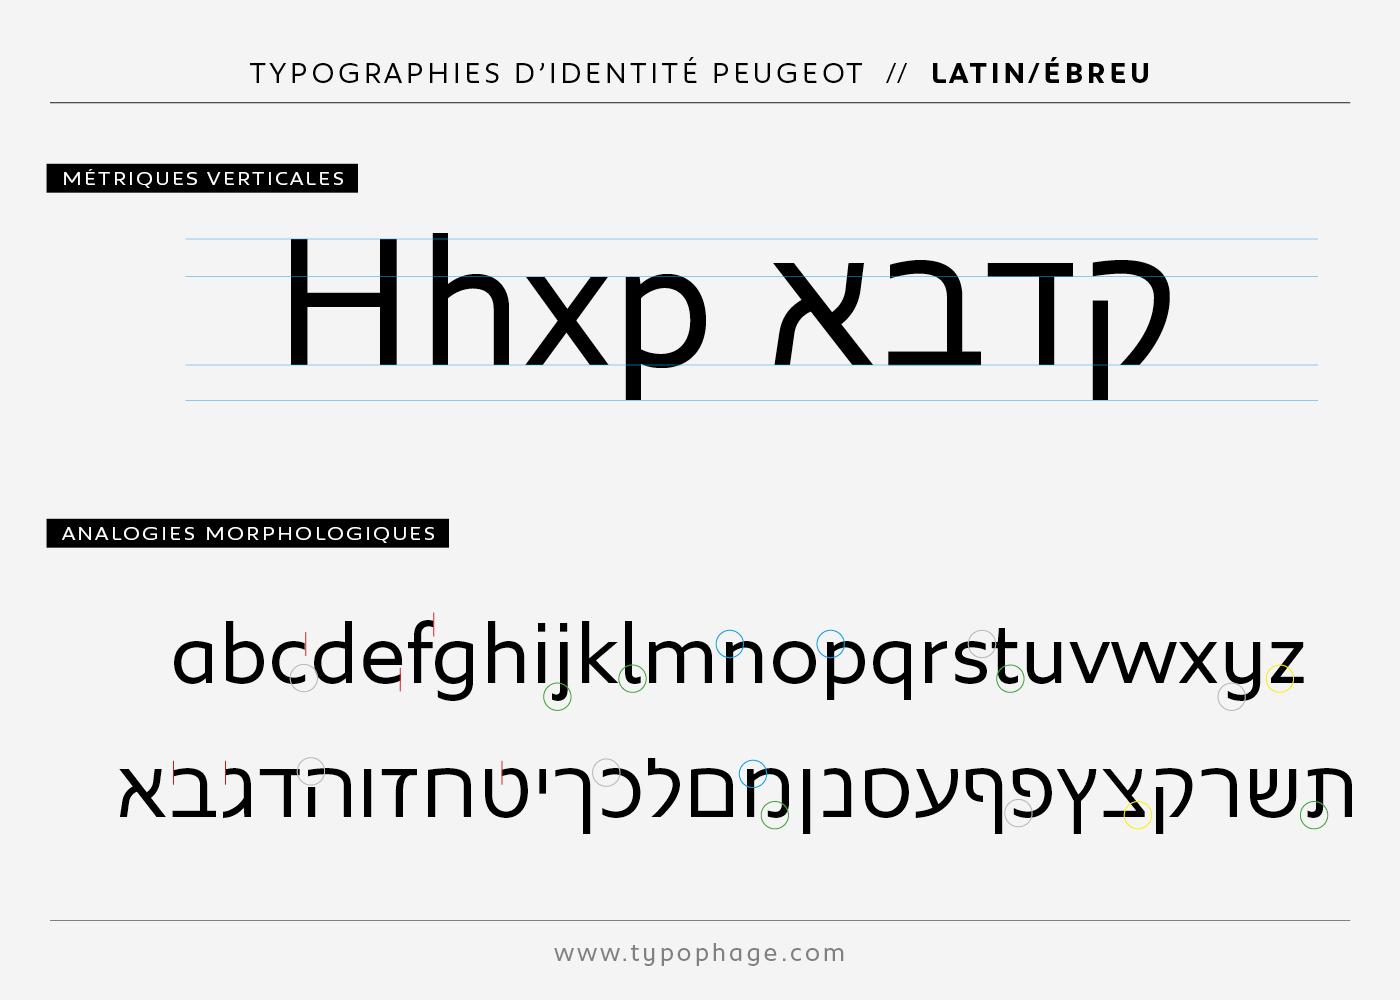 Typographies d'identité Peugeot. Spécimen de caractères versions hébreux.